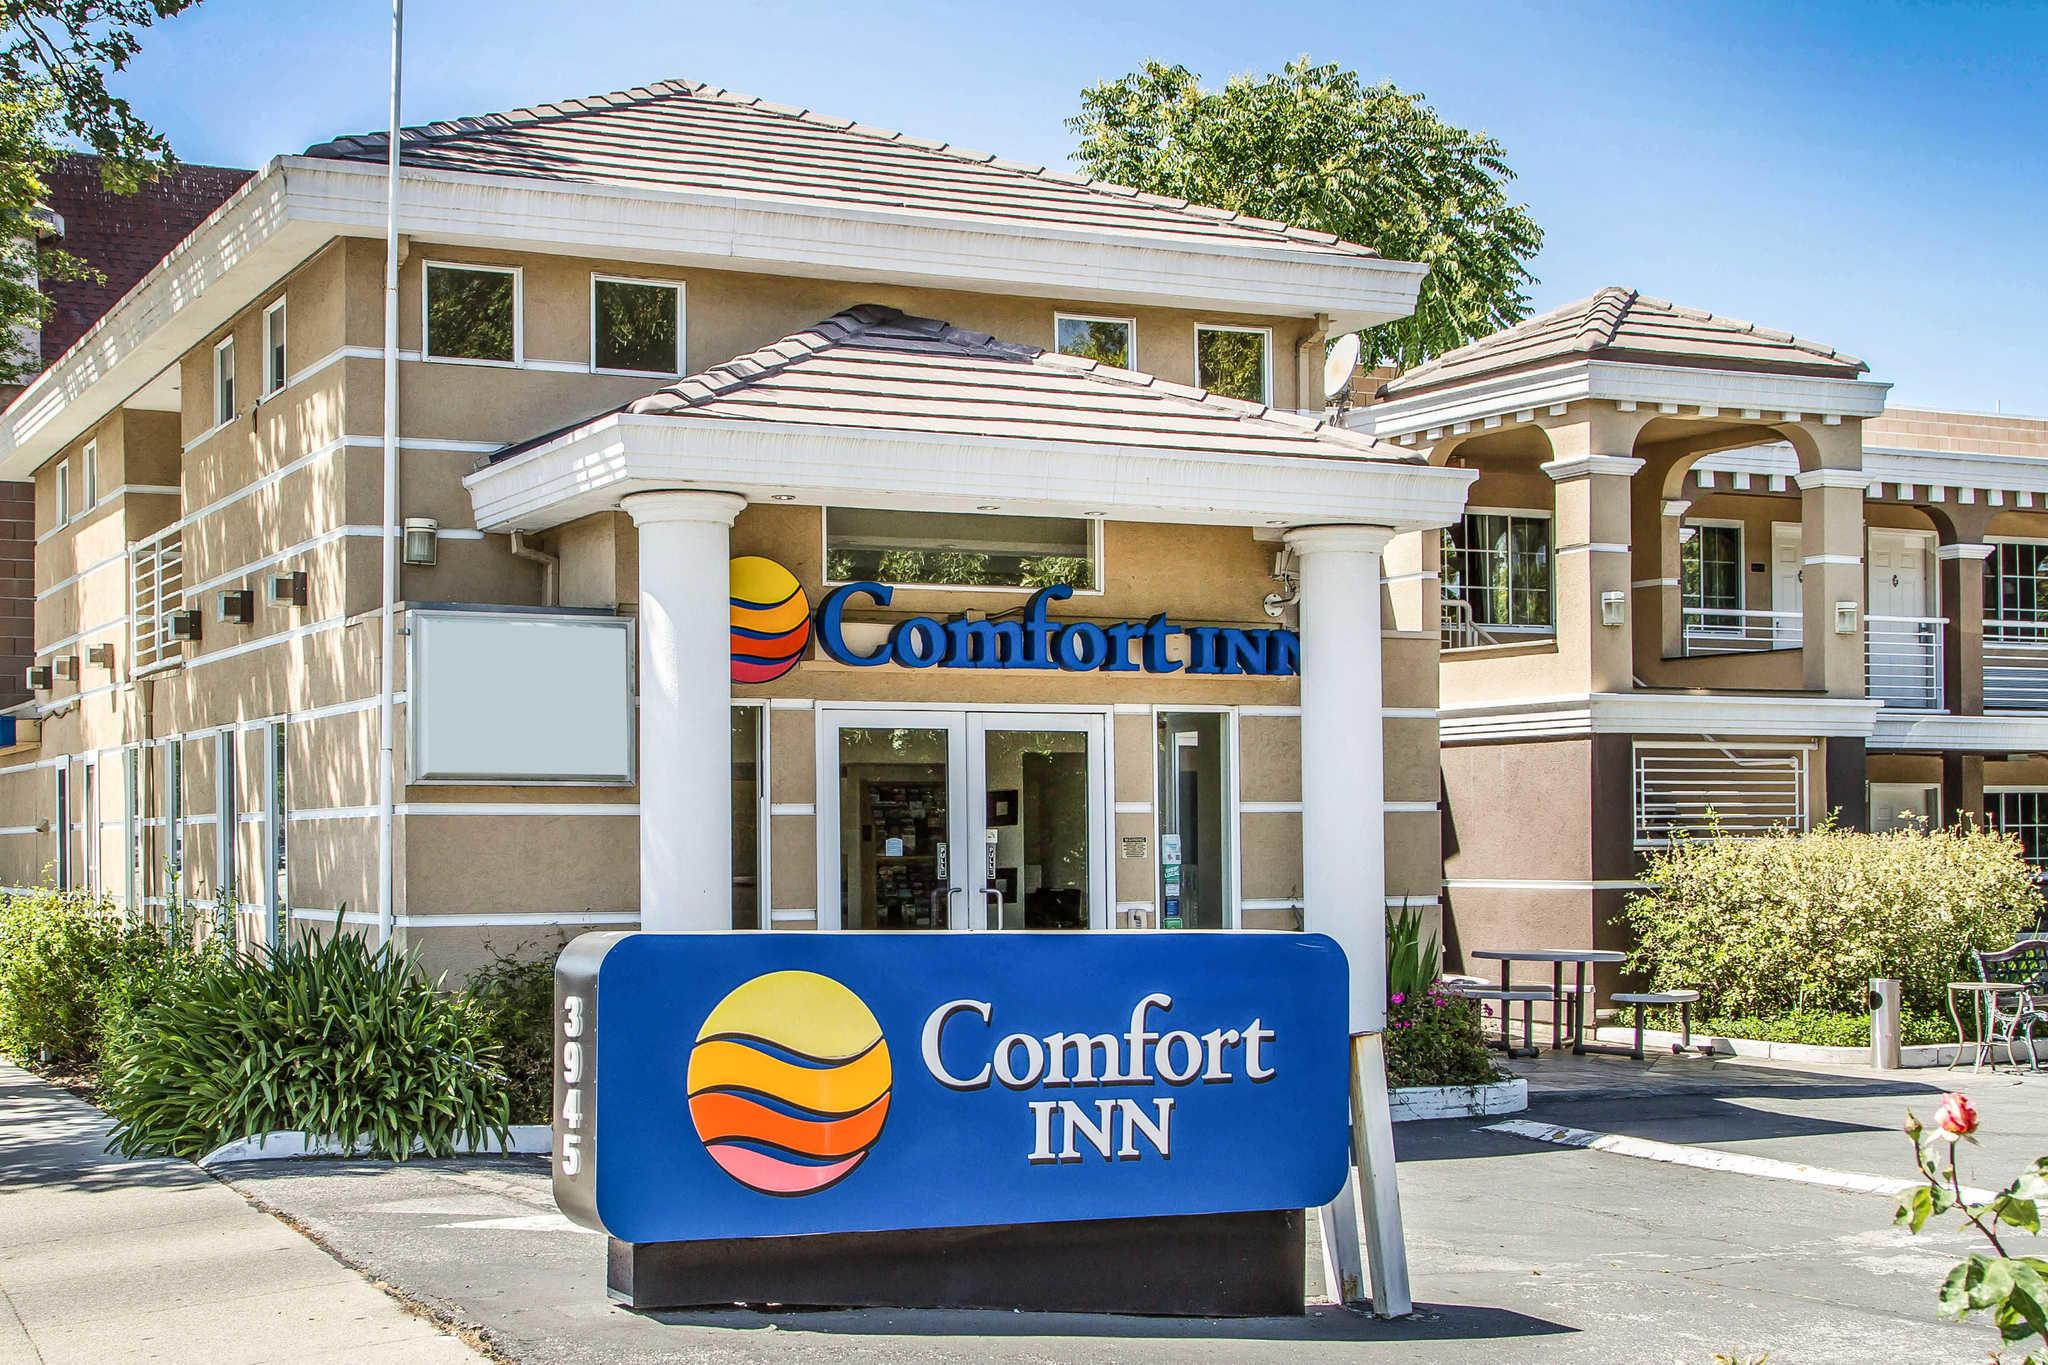 Comfort Inn 3945 El Camino Real Palo Alto Ca N49 Com